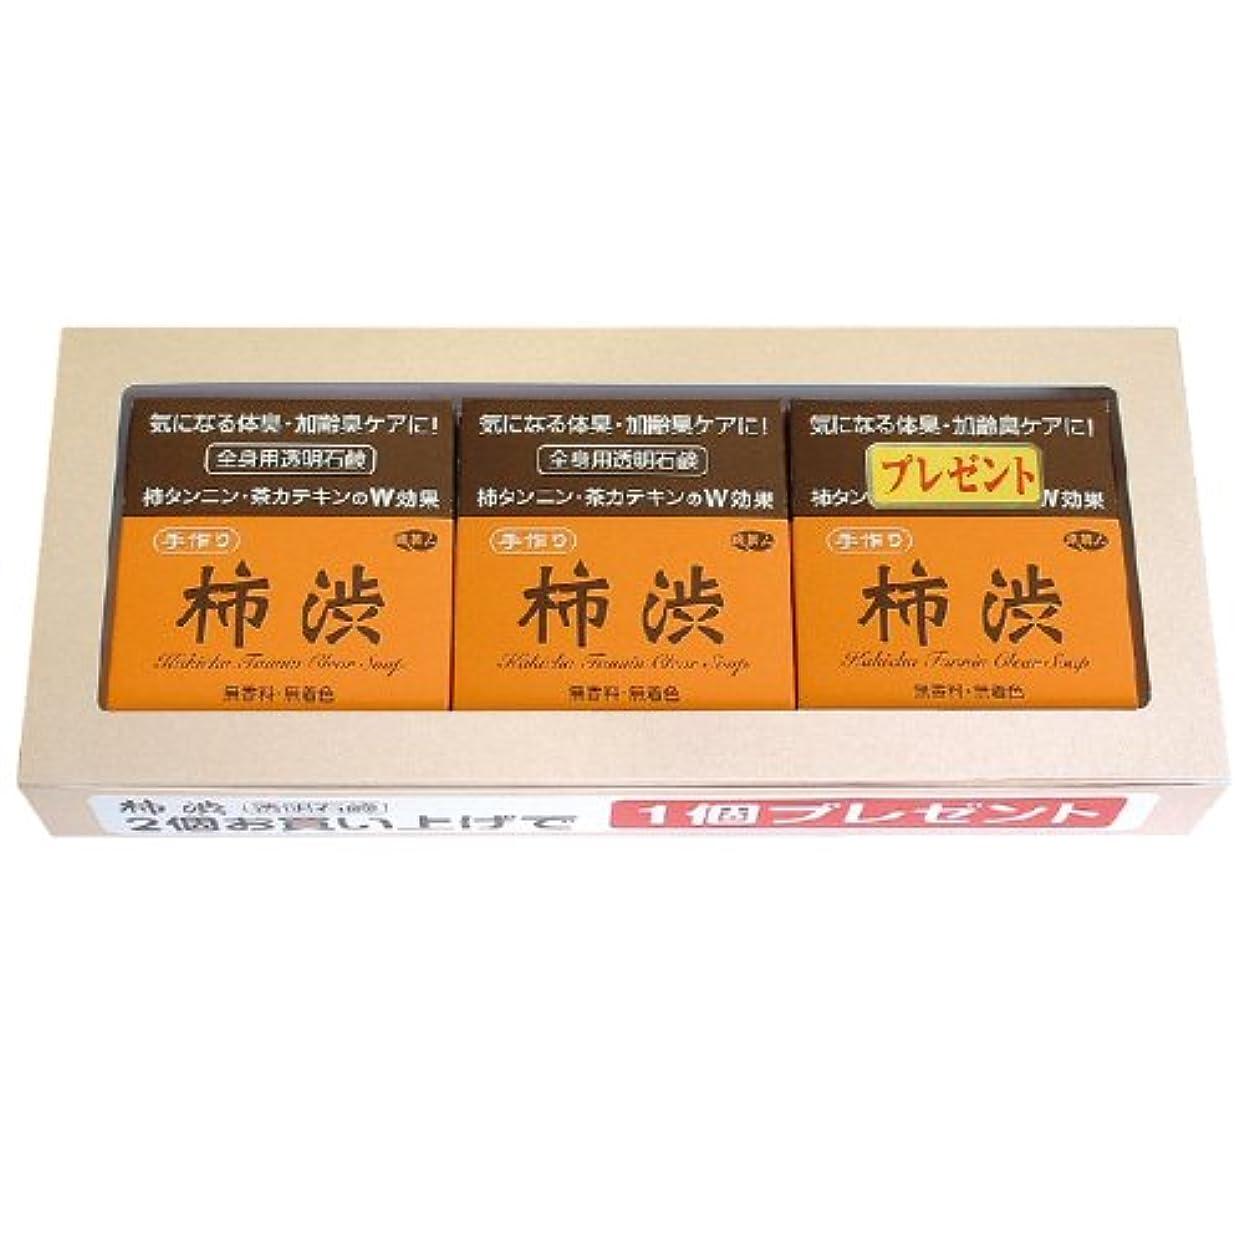 側面ソフィー電報アズマ商事の 柿渋透明石鹸 2個の値段で3個入りセット